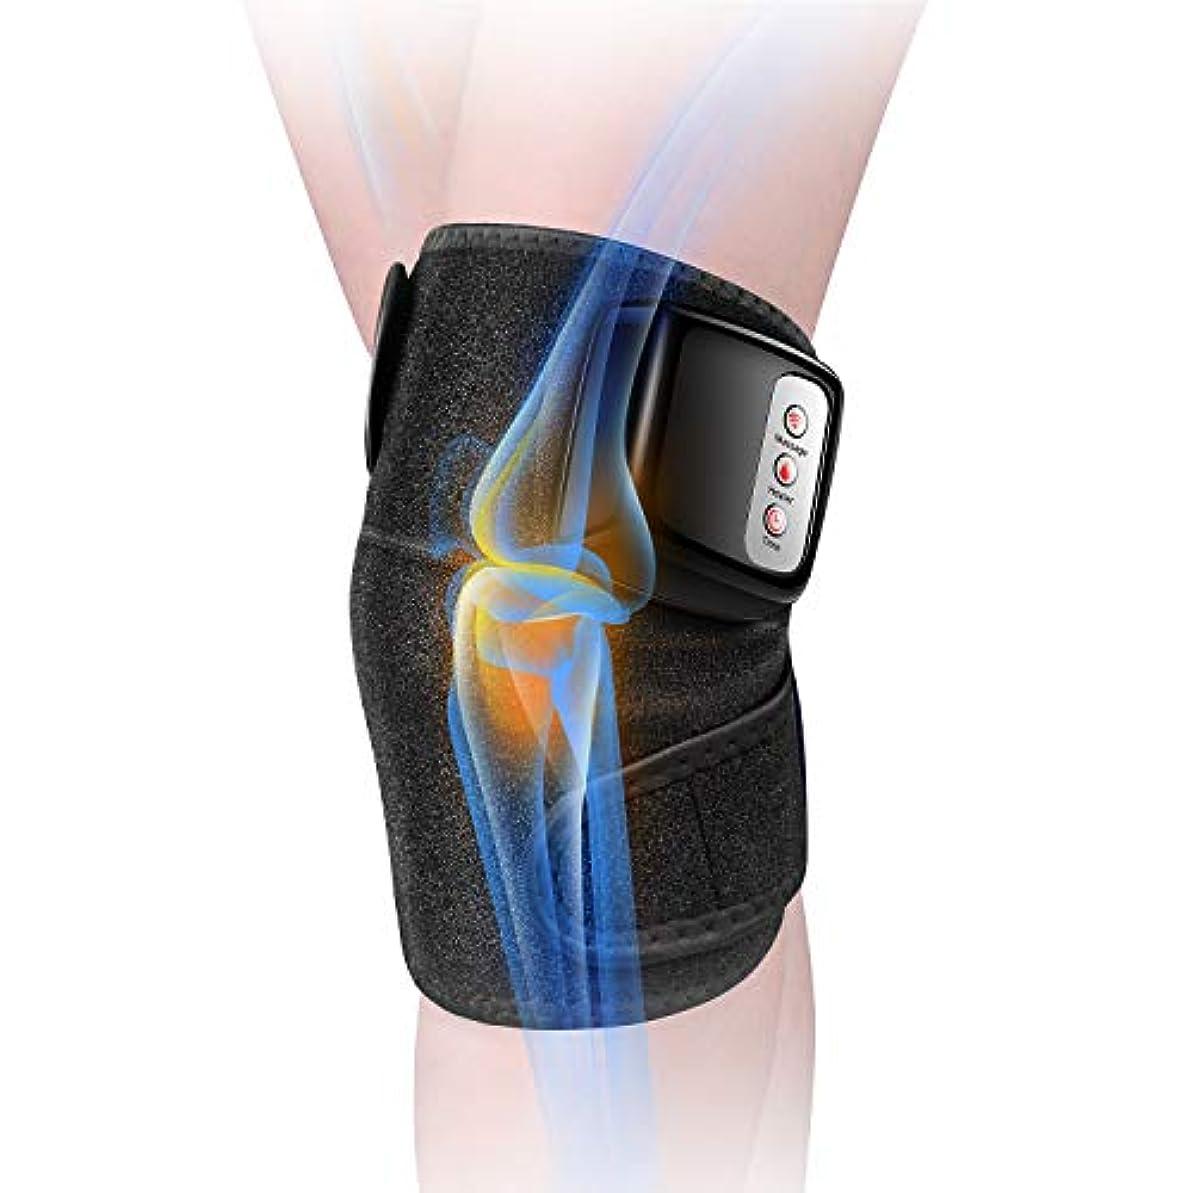 豚準拠チップ膝マッサージャー 関節マッサージャー マッサージ器 フットマッサージャー 振動 赤外線療法 温熱療法 膝サポーター ストレス解消 肩 太もも/腕対応